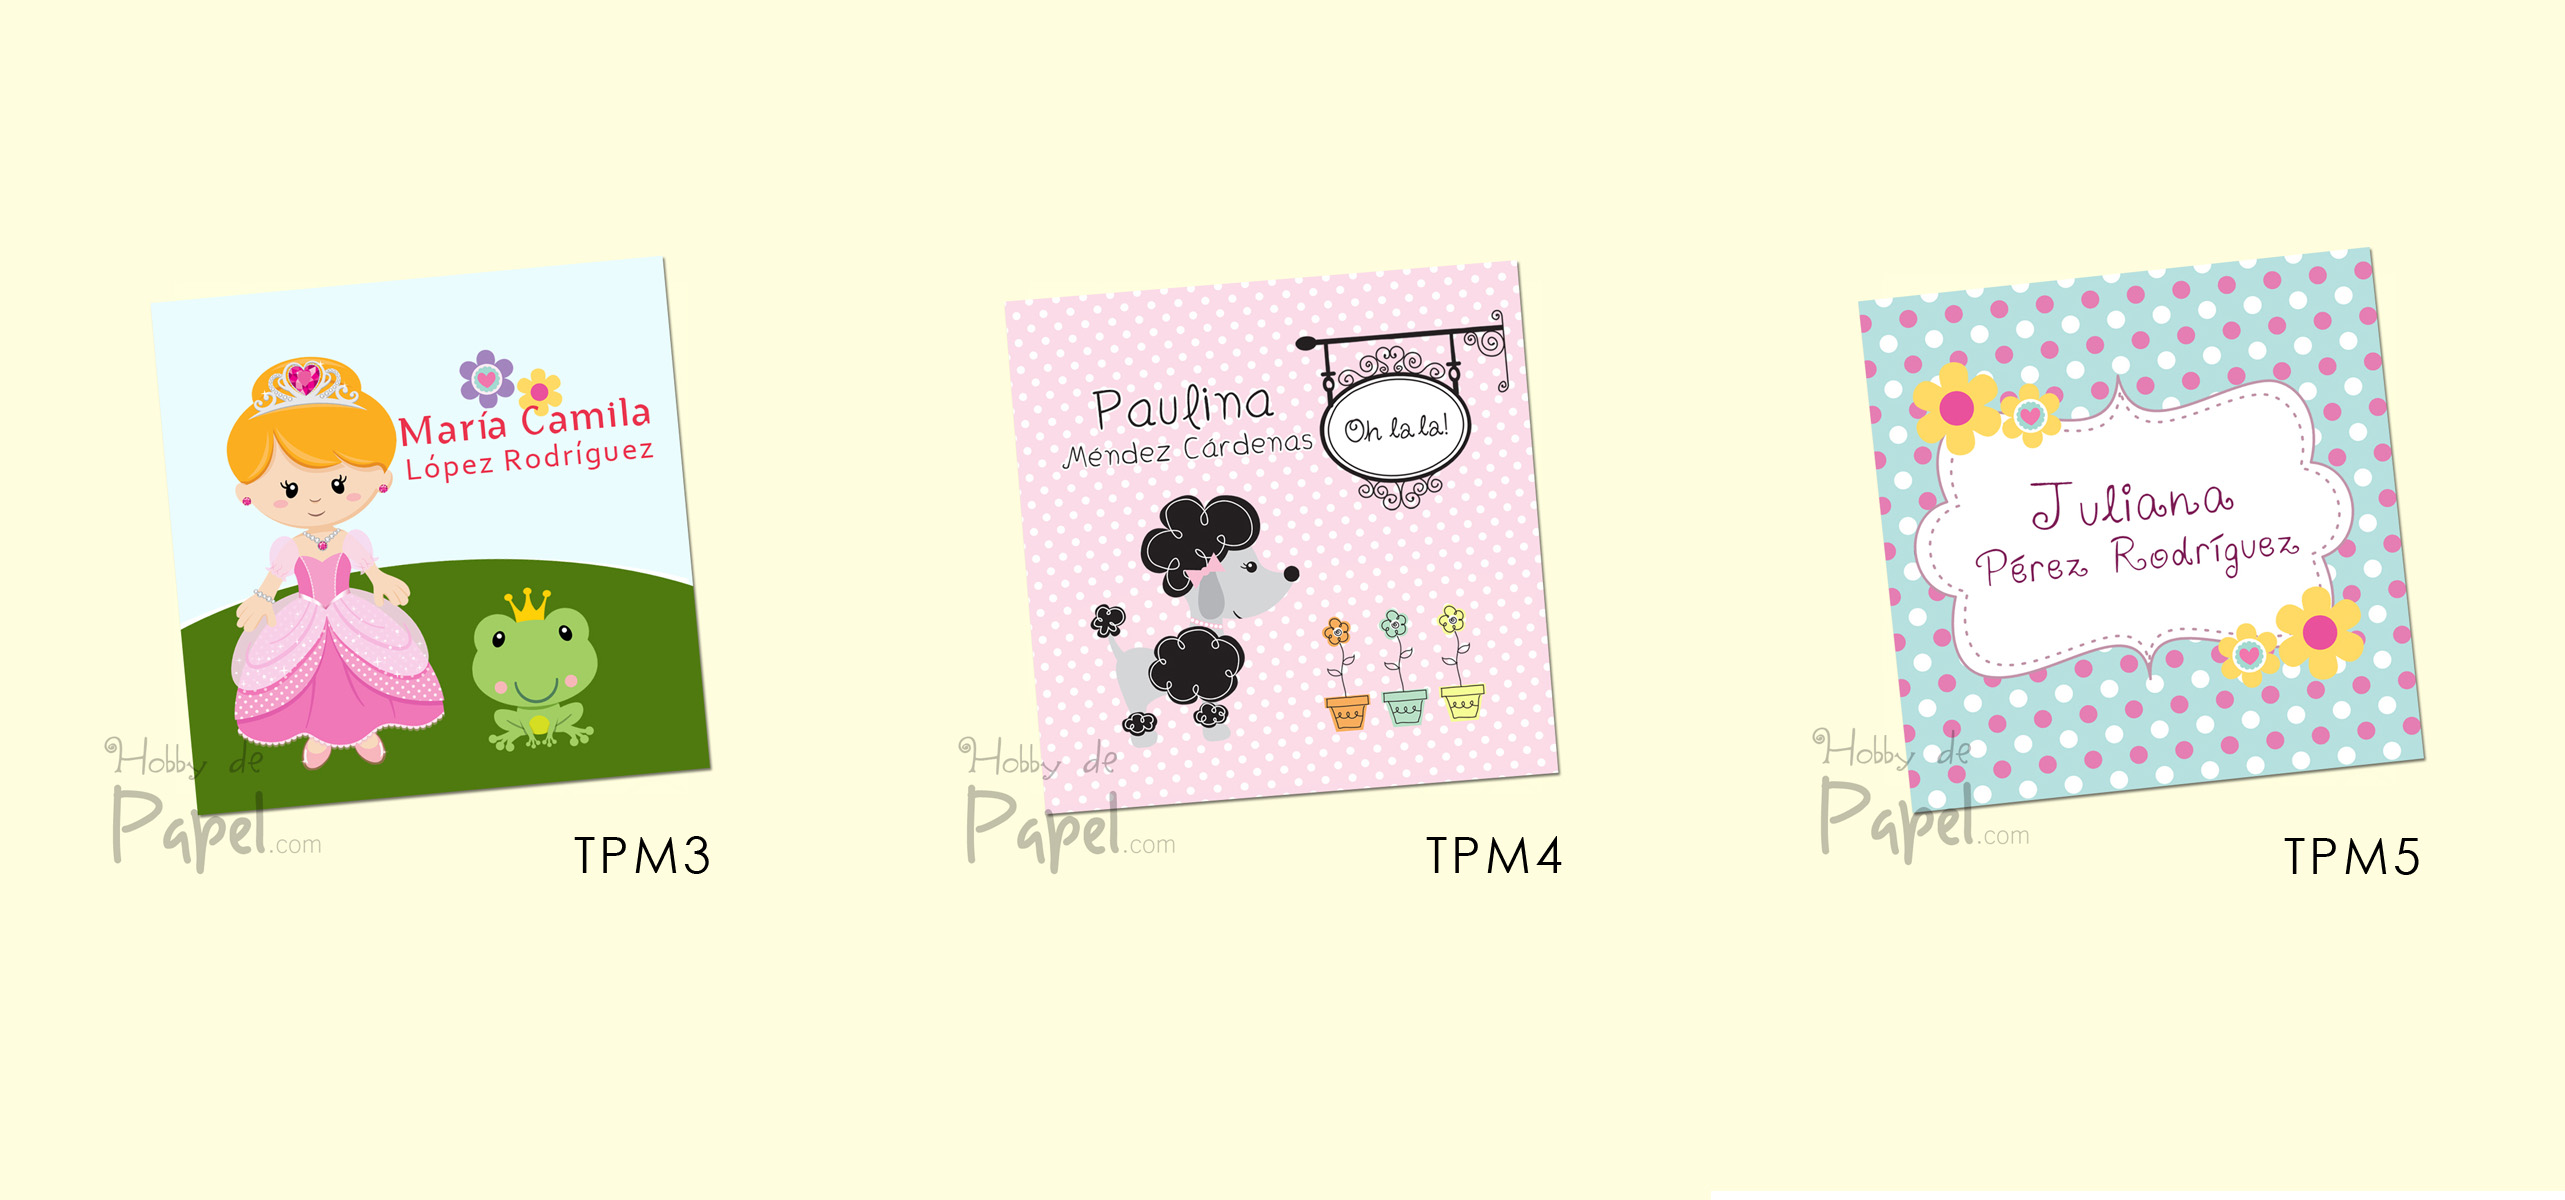 Modelos De Tarjetas Personales Para Ninos Para Imprimir Imagui